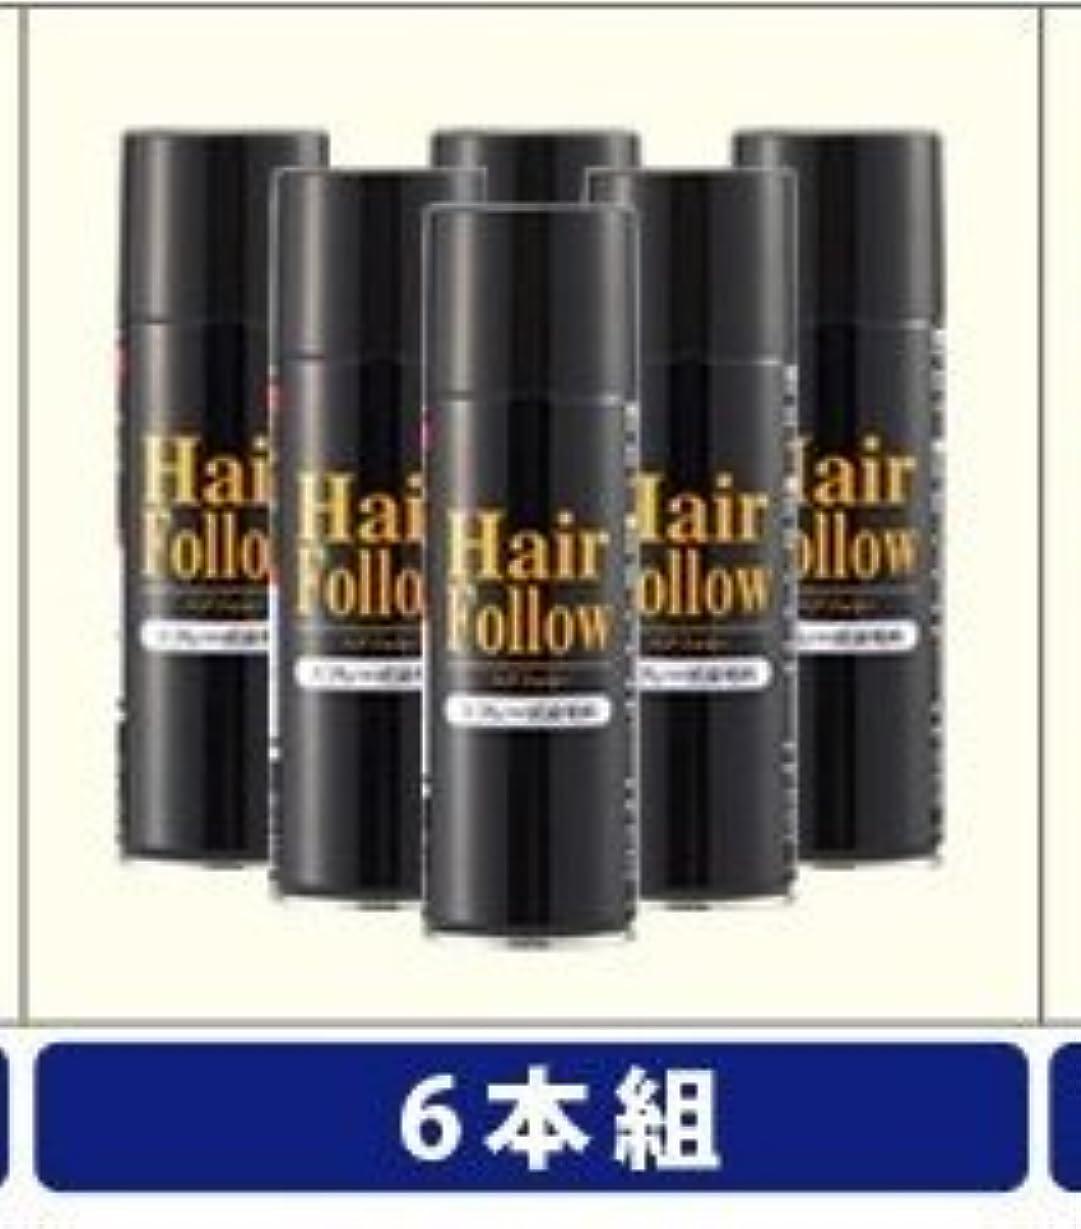 降ろすしがみつく会社NEW ヘアフォロー スプレー ブラック スプレー式染毛料 自然に薄毛をボリュームアップ!薄毛隠し かつら (6本)